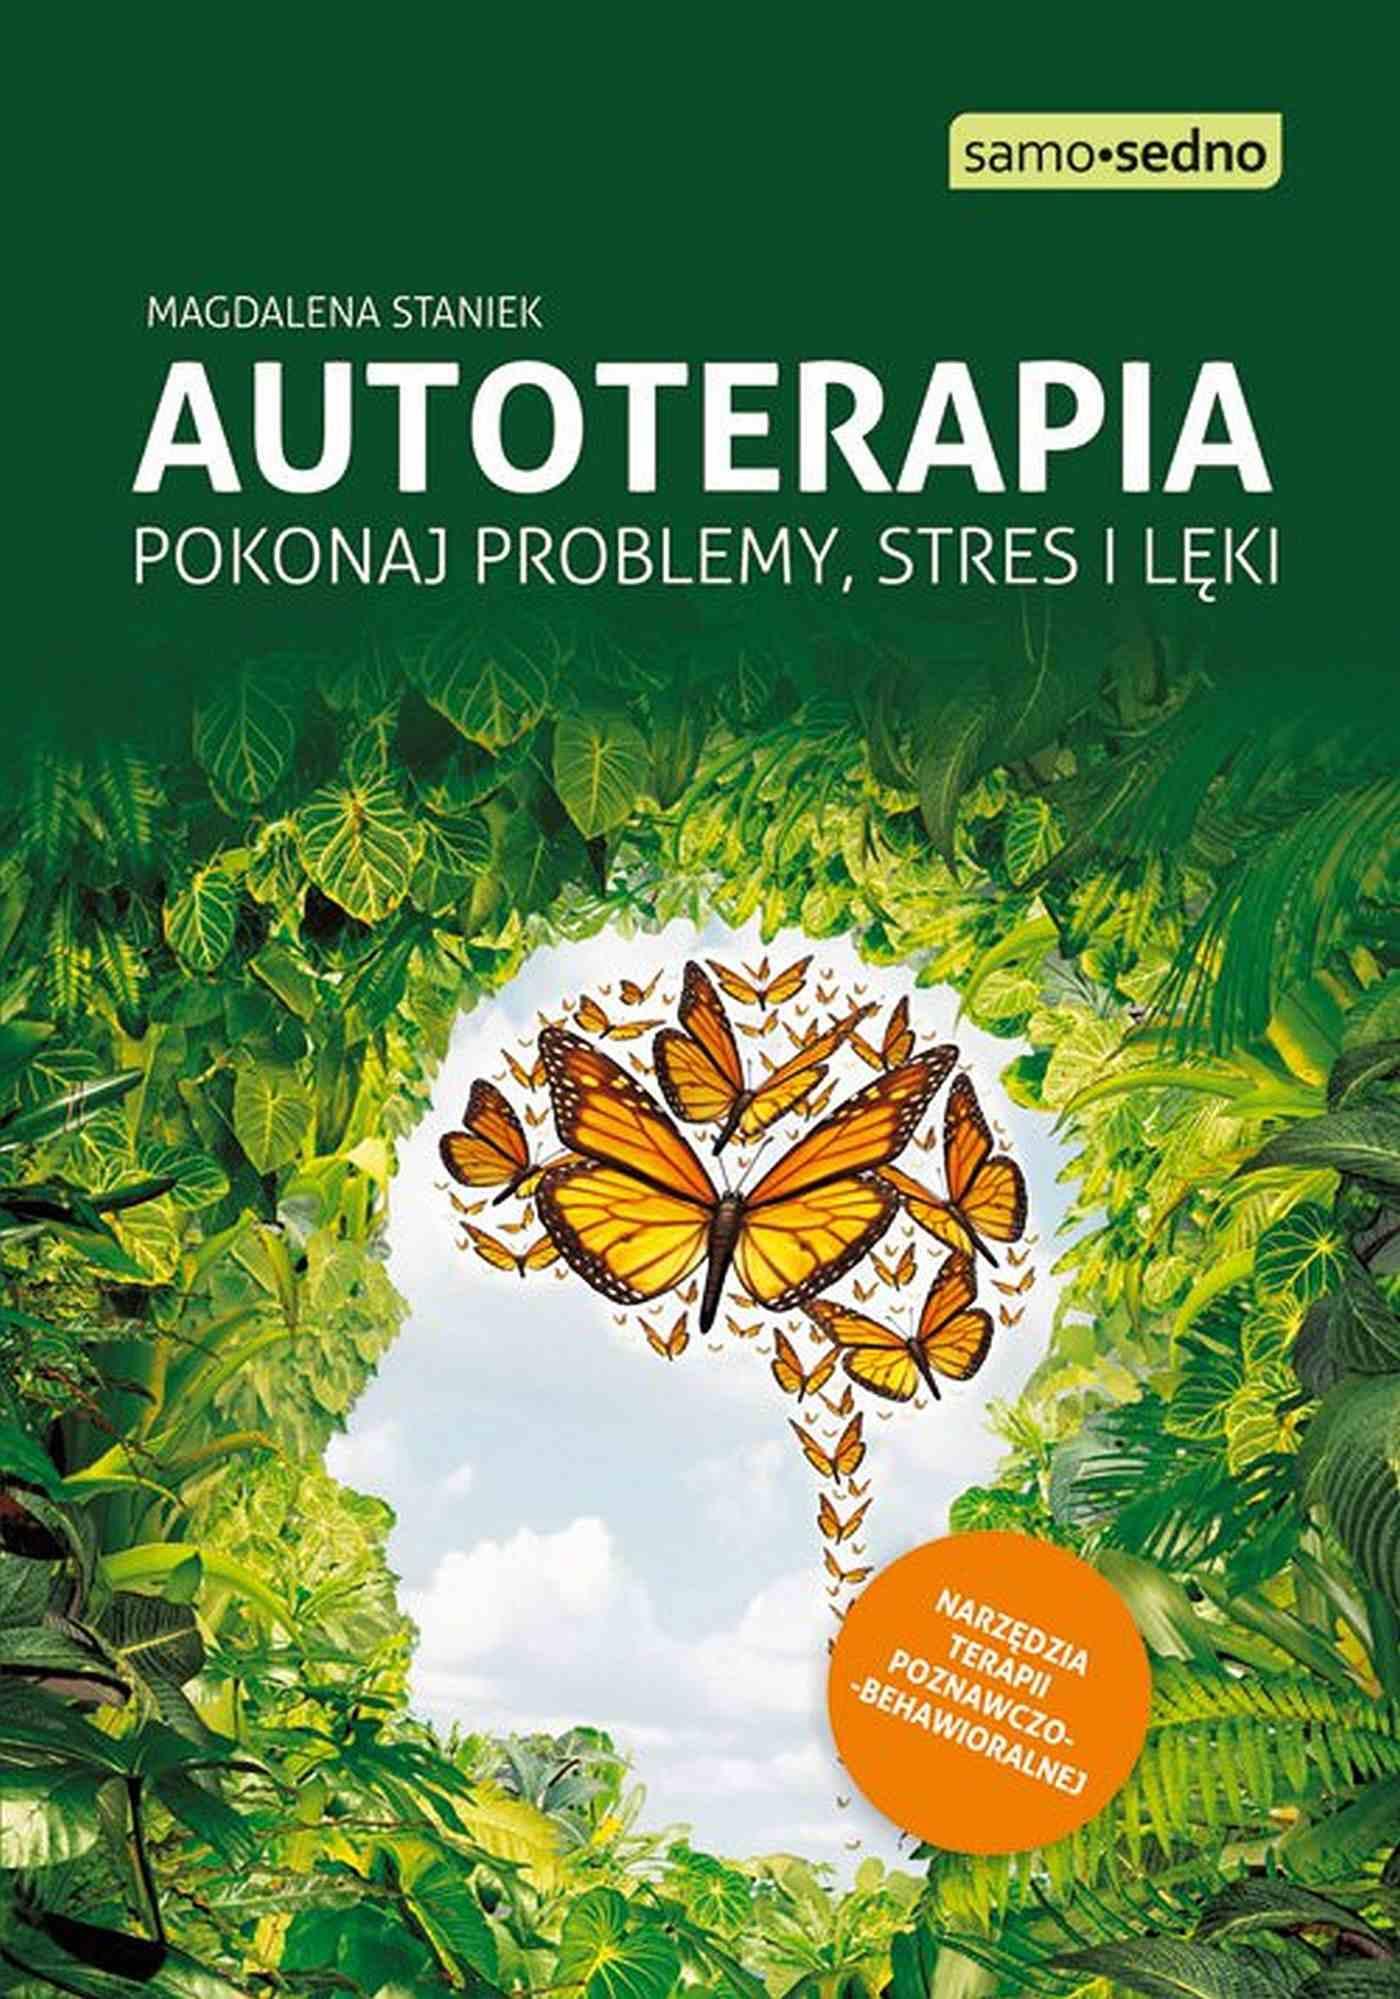 Samo Sedno - Autoterapia. Pokonaj problemy, stres i lęki - Ebook (Książka EPUB) do pobrania w formacie EPUB